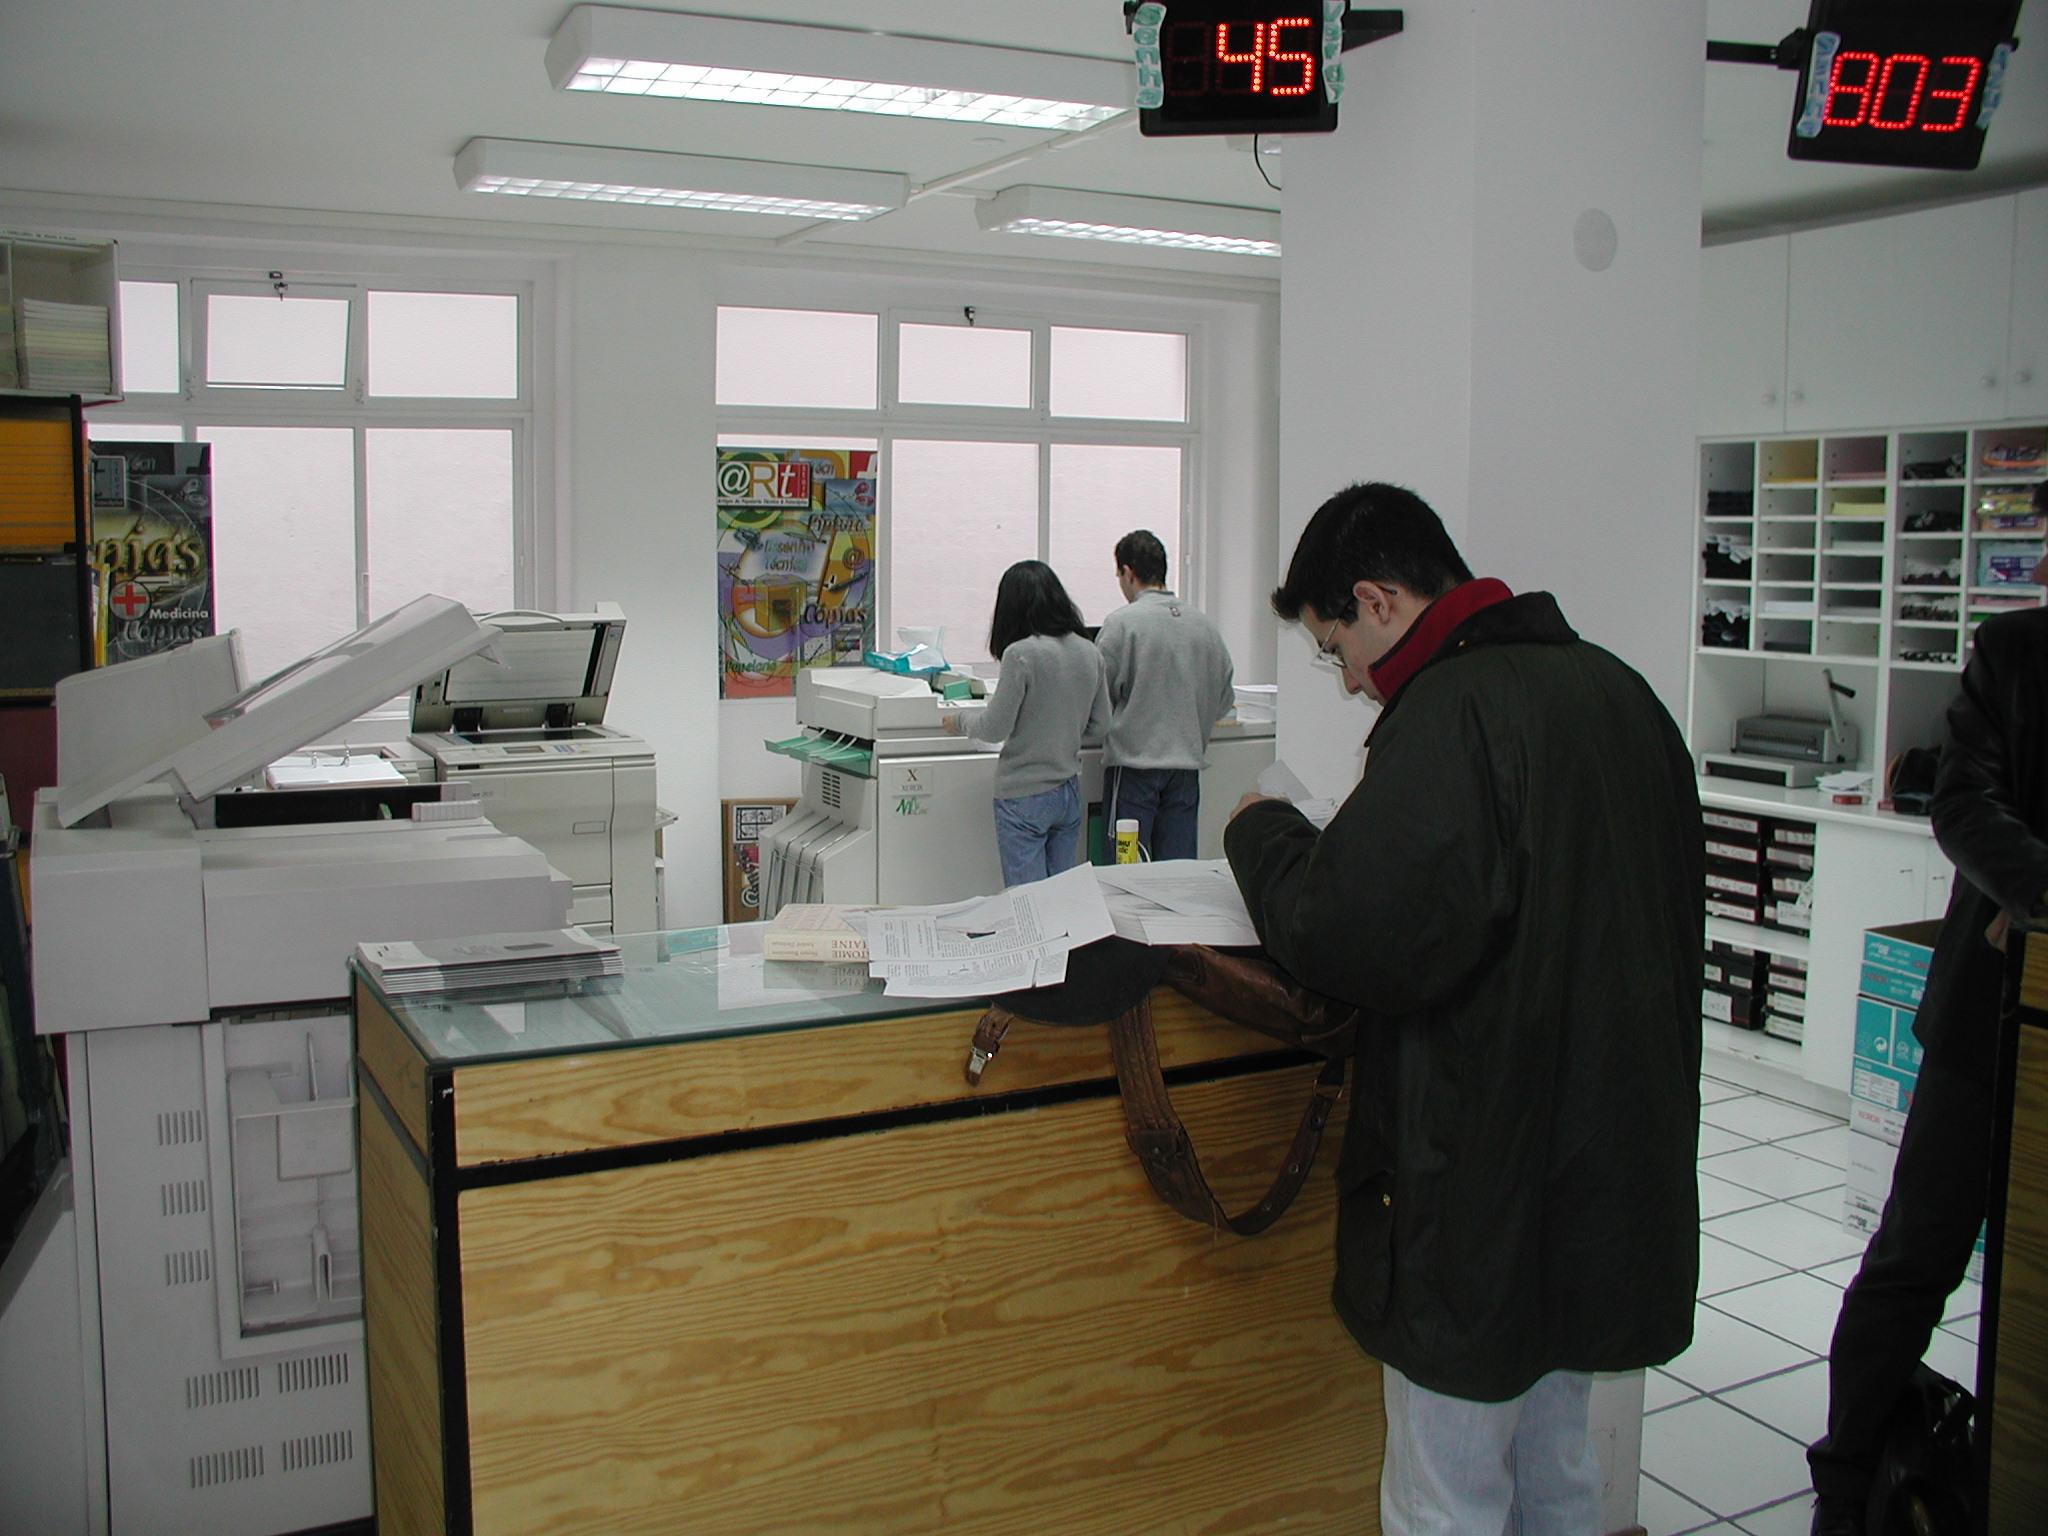 29-02-reprografia-artstore-2003.jpg